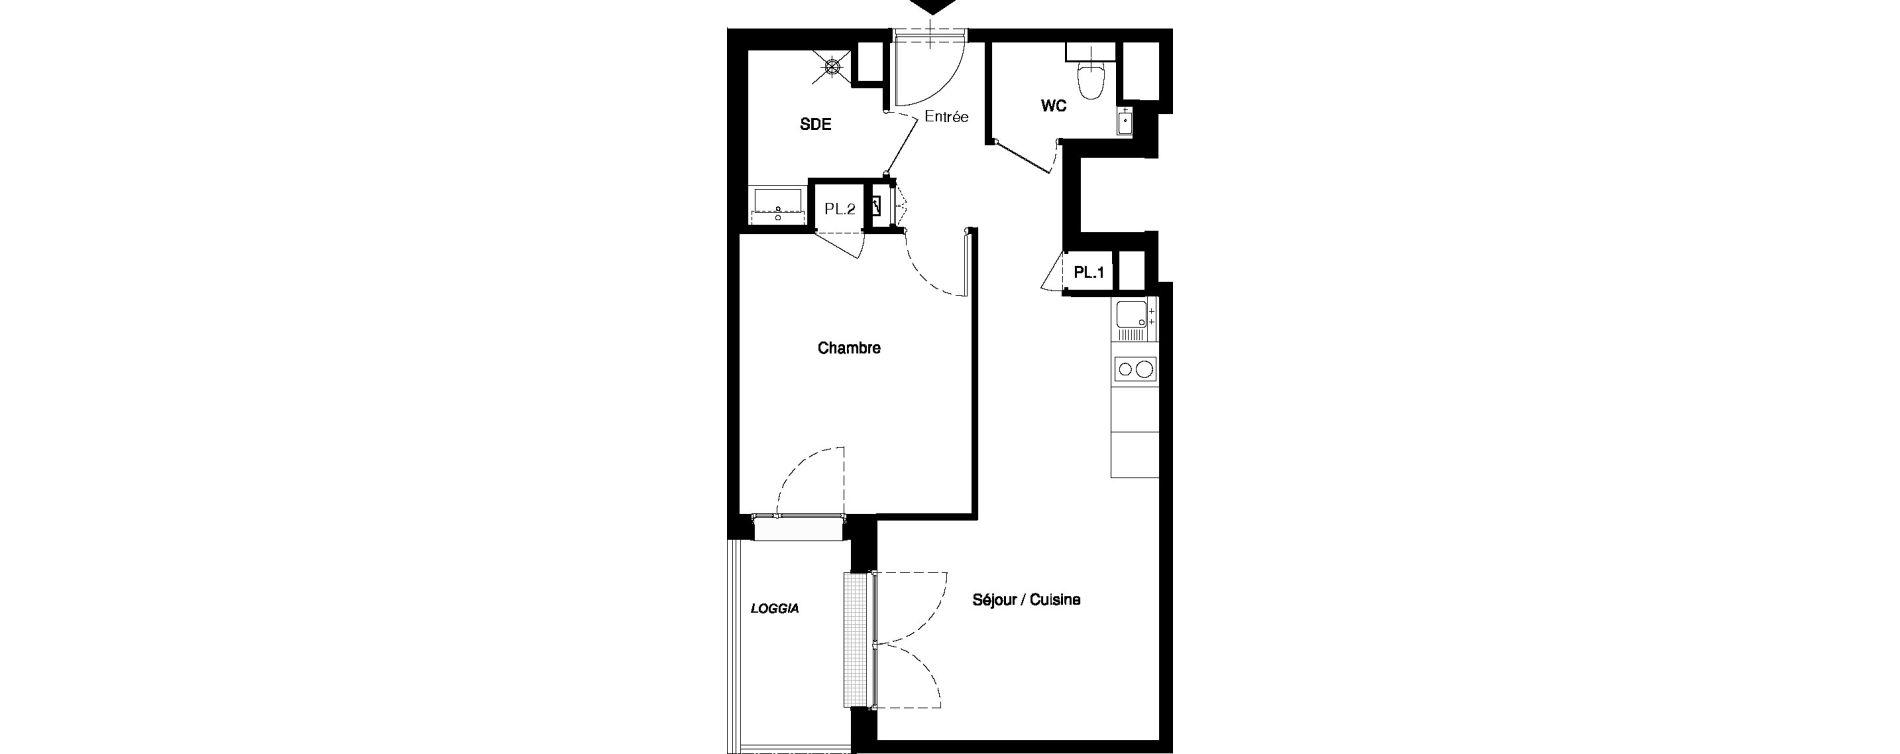 Appartement T2 meublé de 42,14 m2 à Nancy Rives de meurthe